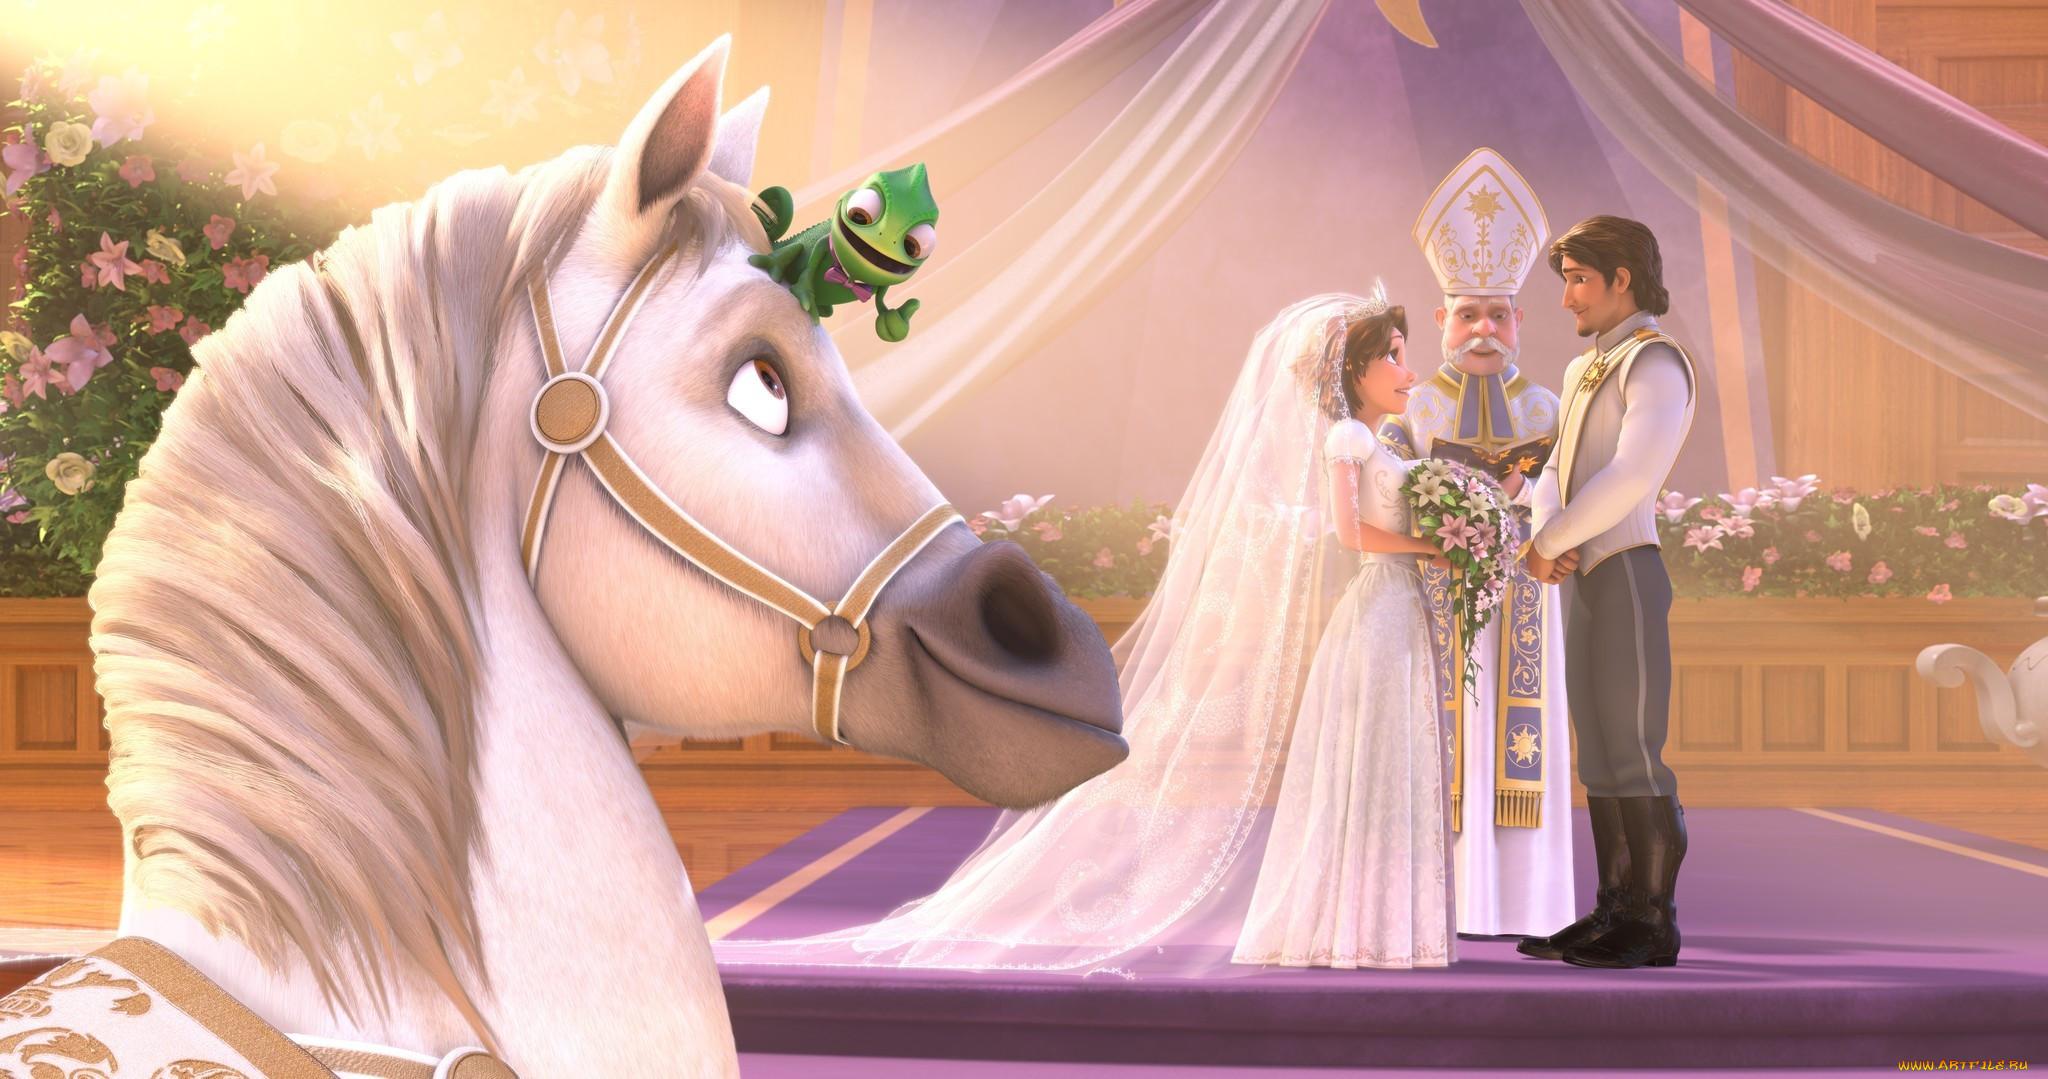 Картинка свадьба из мультика